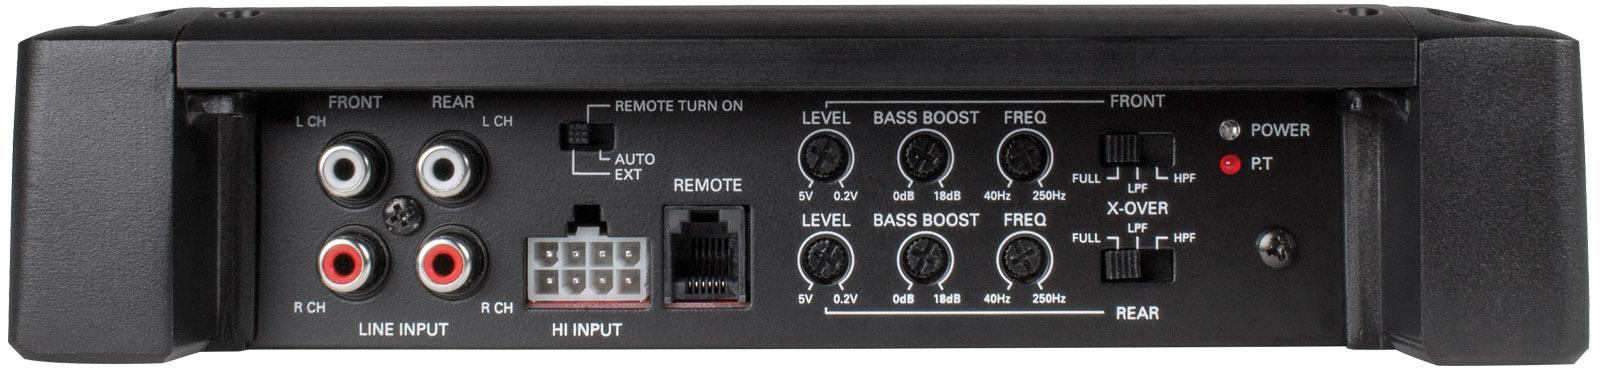 500-Watt RMS 4-Channel Class A/B Amplifier